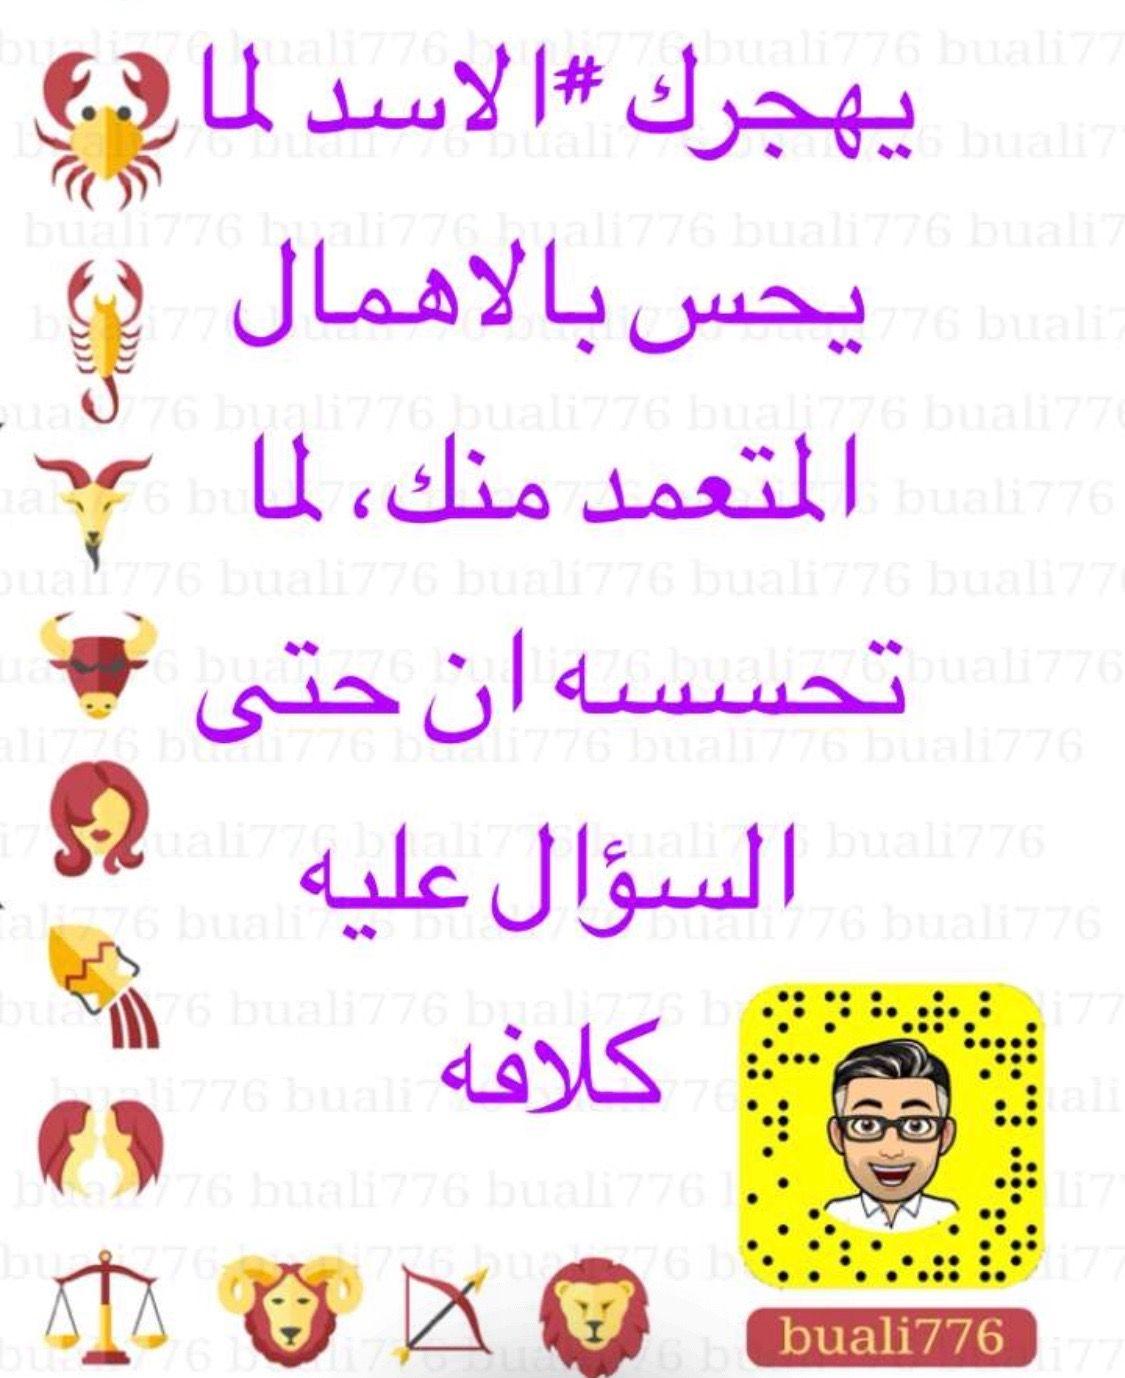 برج الاسد اليوم مميزاته وعيوبه كاملة موقع مصري Words Quotes Arabic Books Words